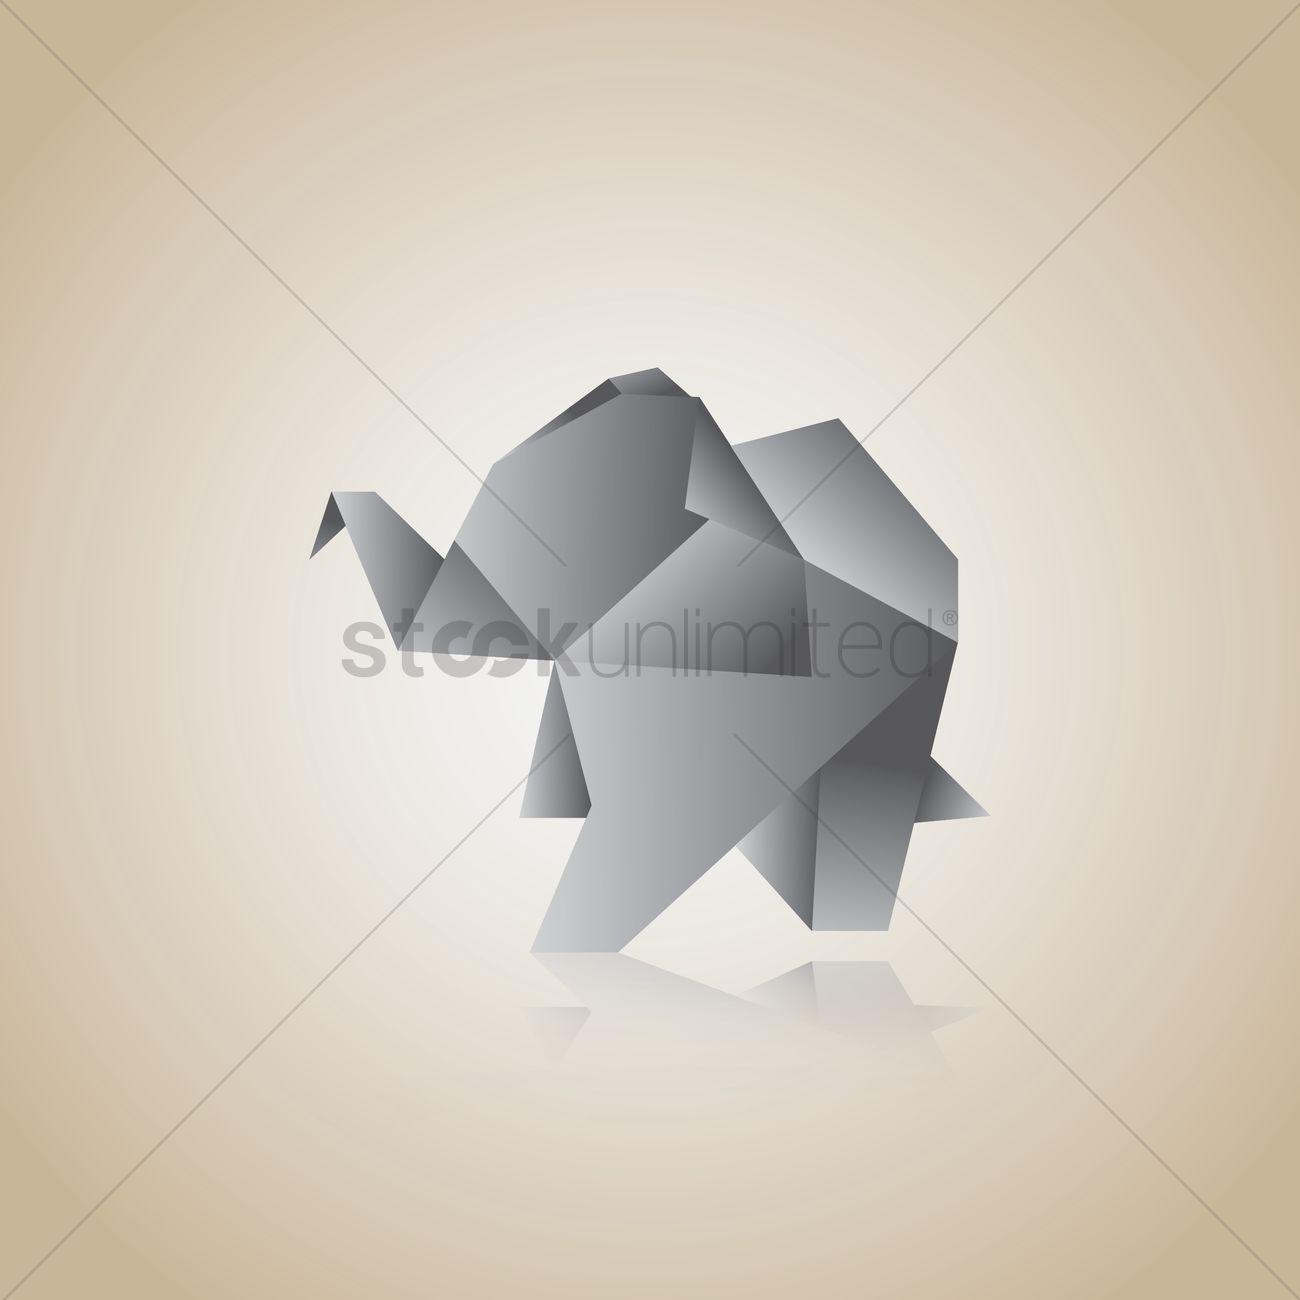 Free origami elephant vector image 1482032 stockunlimited free origami elephant vector graphic jeuxipadfo Choice Image